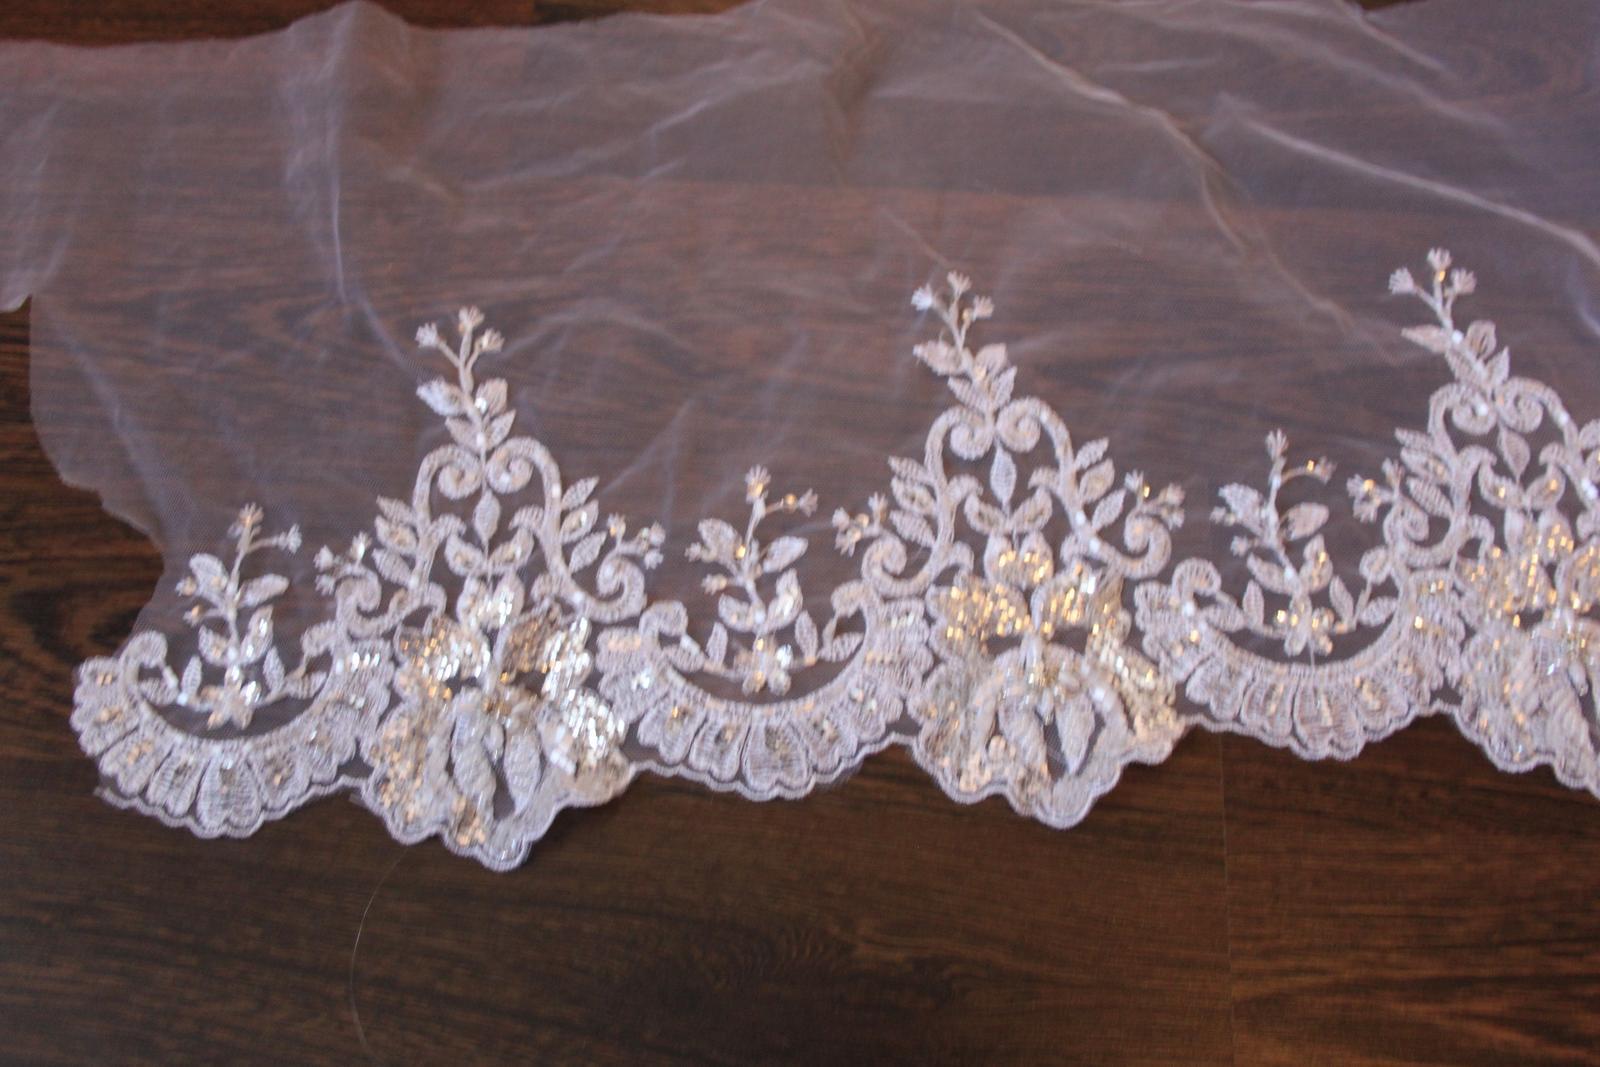 3 D Látky, aplikácie na svadobné šaty prípadne na iné dozdobenie - Obrázok č. 35